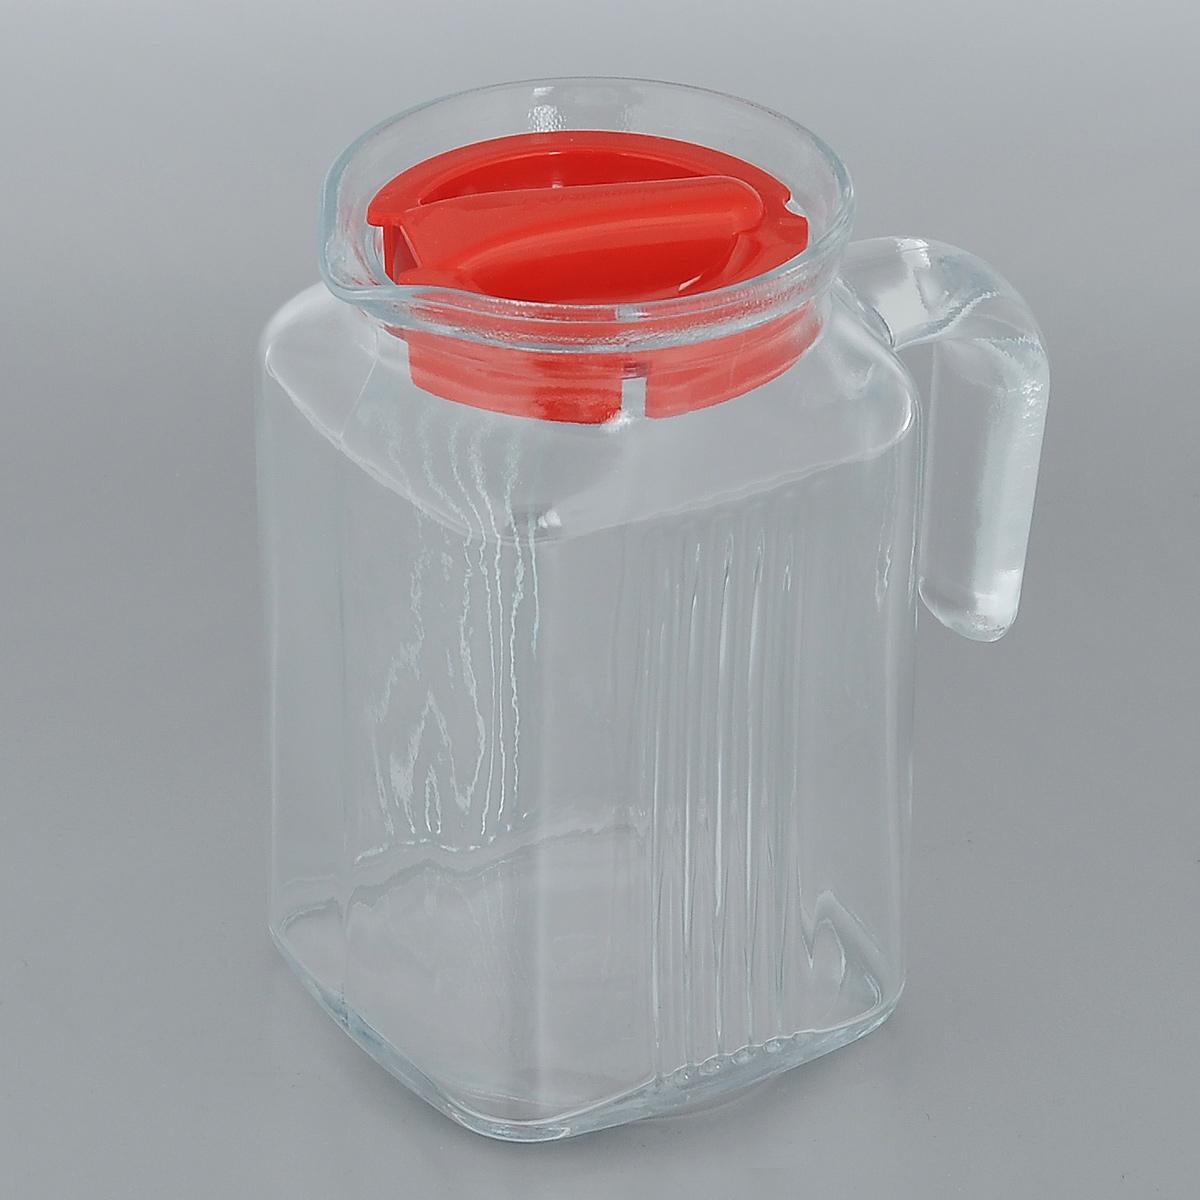 Кувшин Pasabahce Frigo, цвет: красный, 600 мл80122BRКувшин Pasabahce Frigo, выполненный из прочного натрий-кальций-силикатного стекла, элегантно украсит ваш стол. Такой кувшин прекрасно подойдет для подачи воды, сока, компота и других напитков. Кувшин плотно закрывается пластиковой крышкой. Крышка устроена таким образом, что выливать жидкость можно не снимая ее, так как напиток будет проходить через специальную выемку. Совершенные формы и изящный дизайн, несомненно, придутся по душе любителям классического стиля. Кувшин Pasabahce Frigo дополнит интерьер вашей кухни и станет замечательным подарком к любому празднику. Можно мыть в посудомоечной машине и использовать в микроволновой печи. Диаметр кувшина по верхнему краю (без учета носика): 7,5 см. Высота кувшина: 13,5 см.